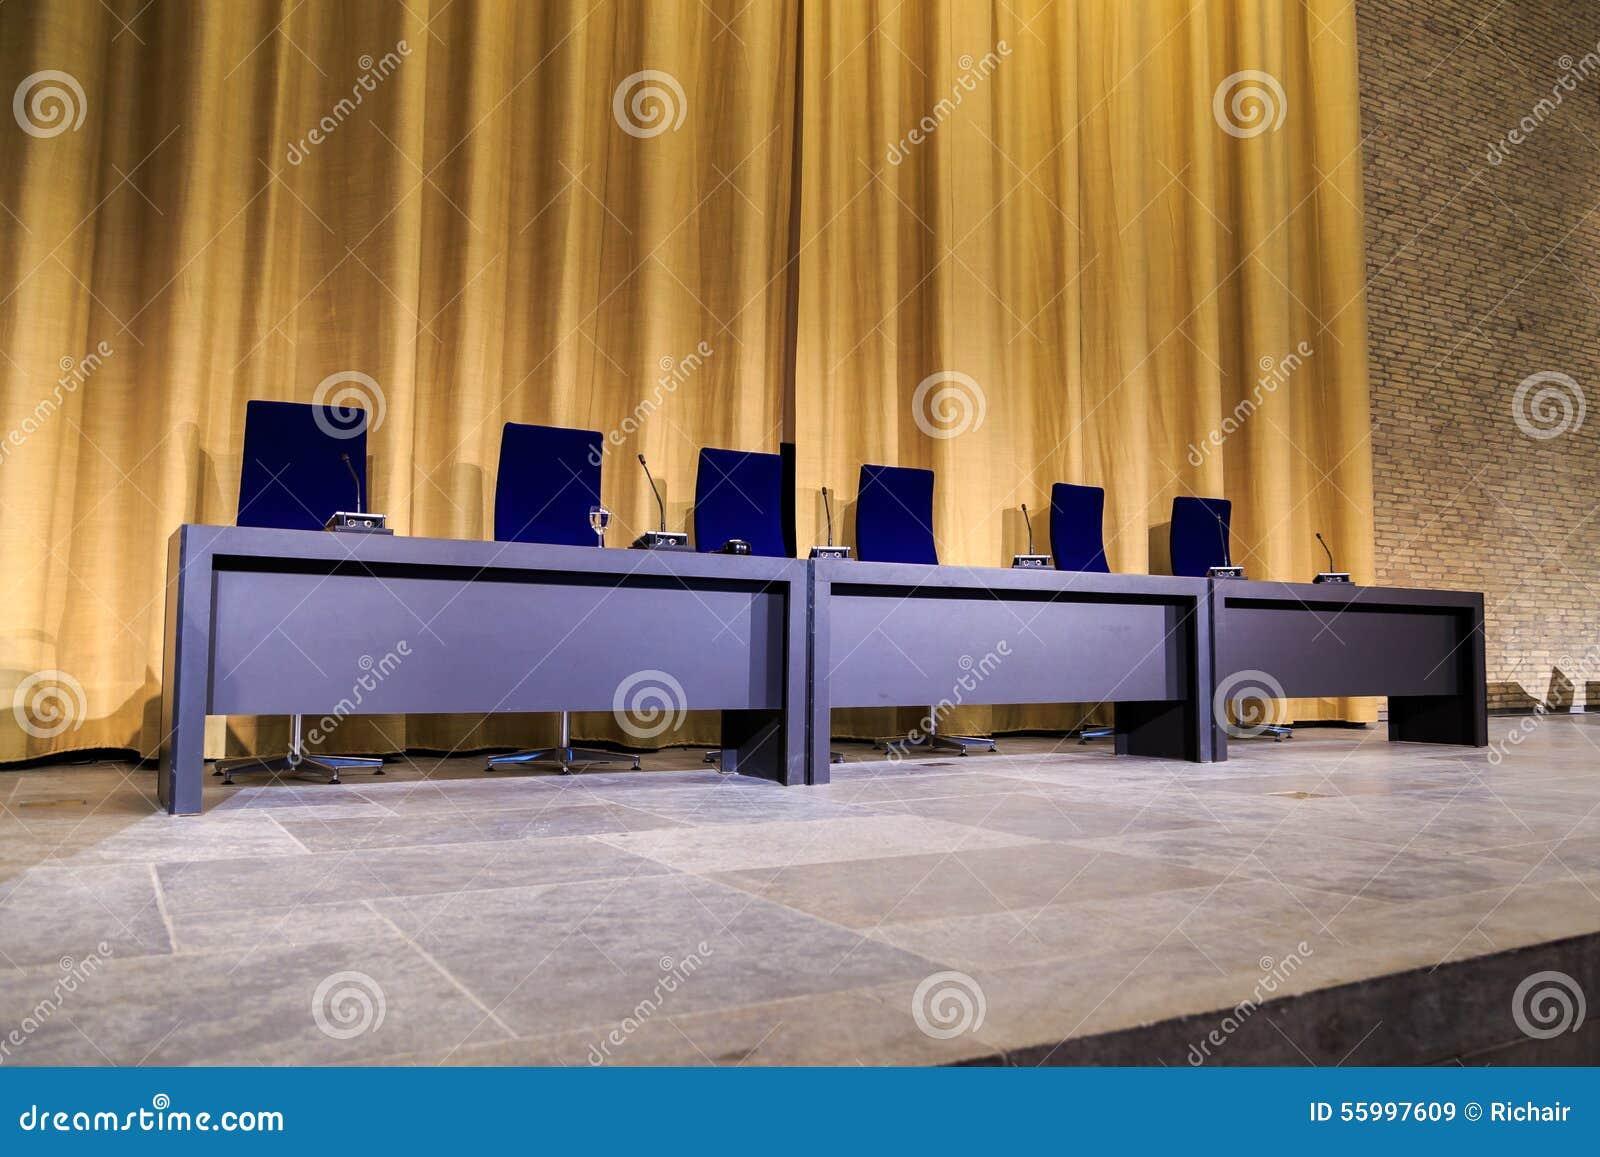 Стол панели